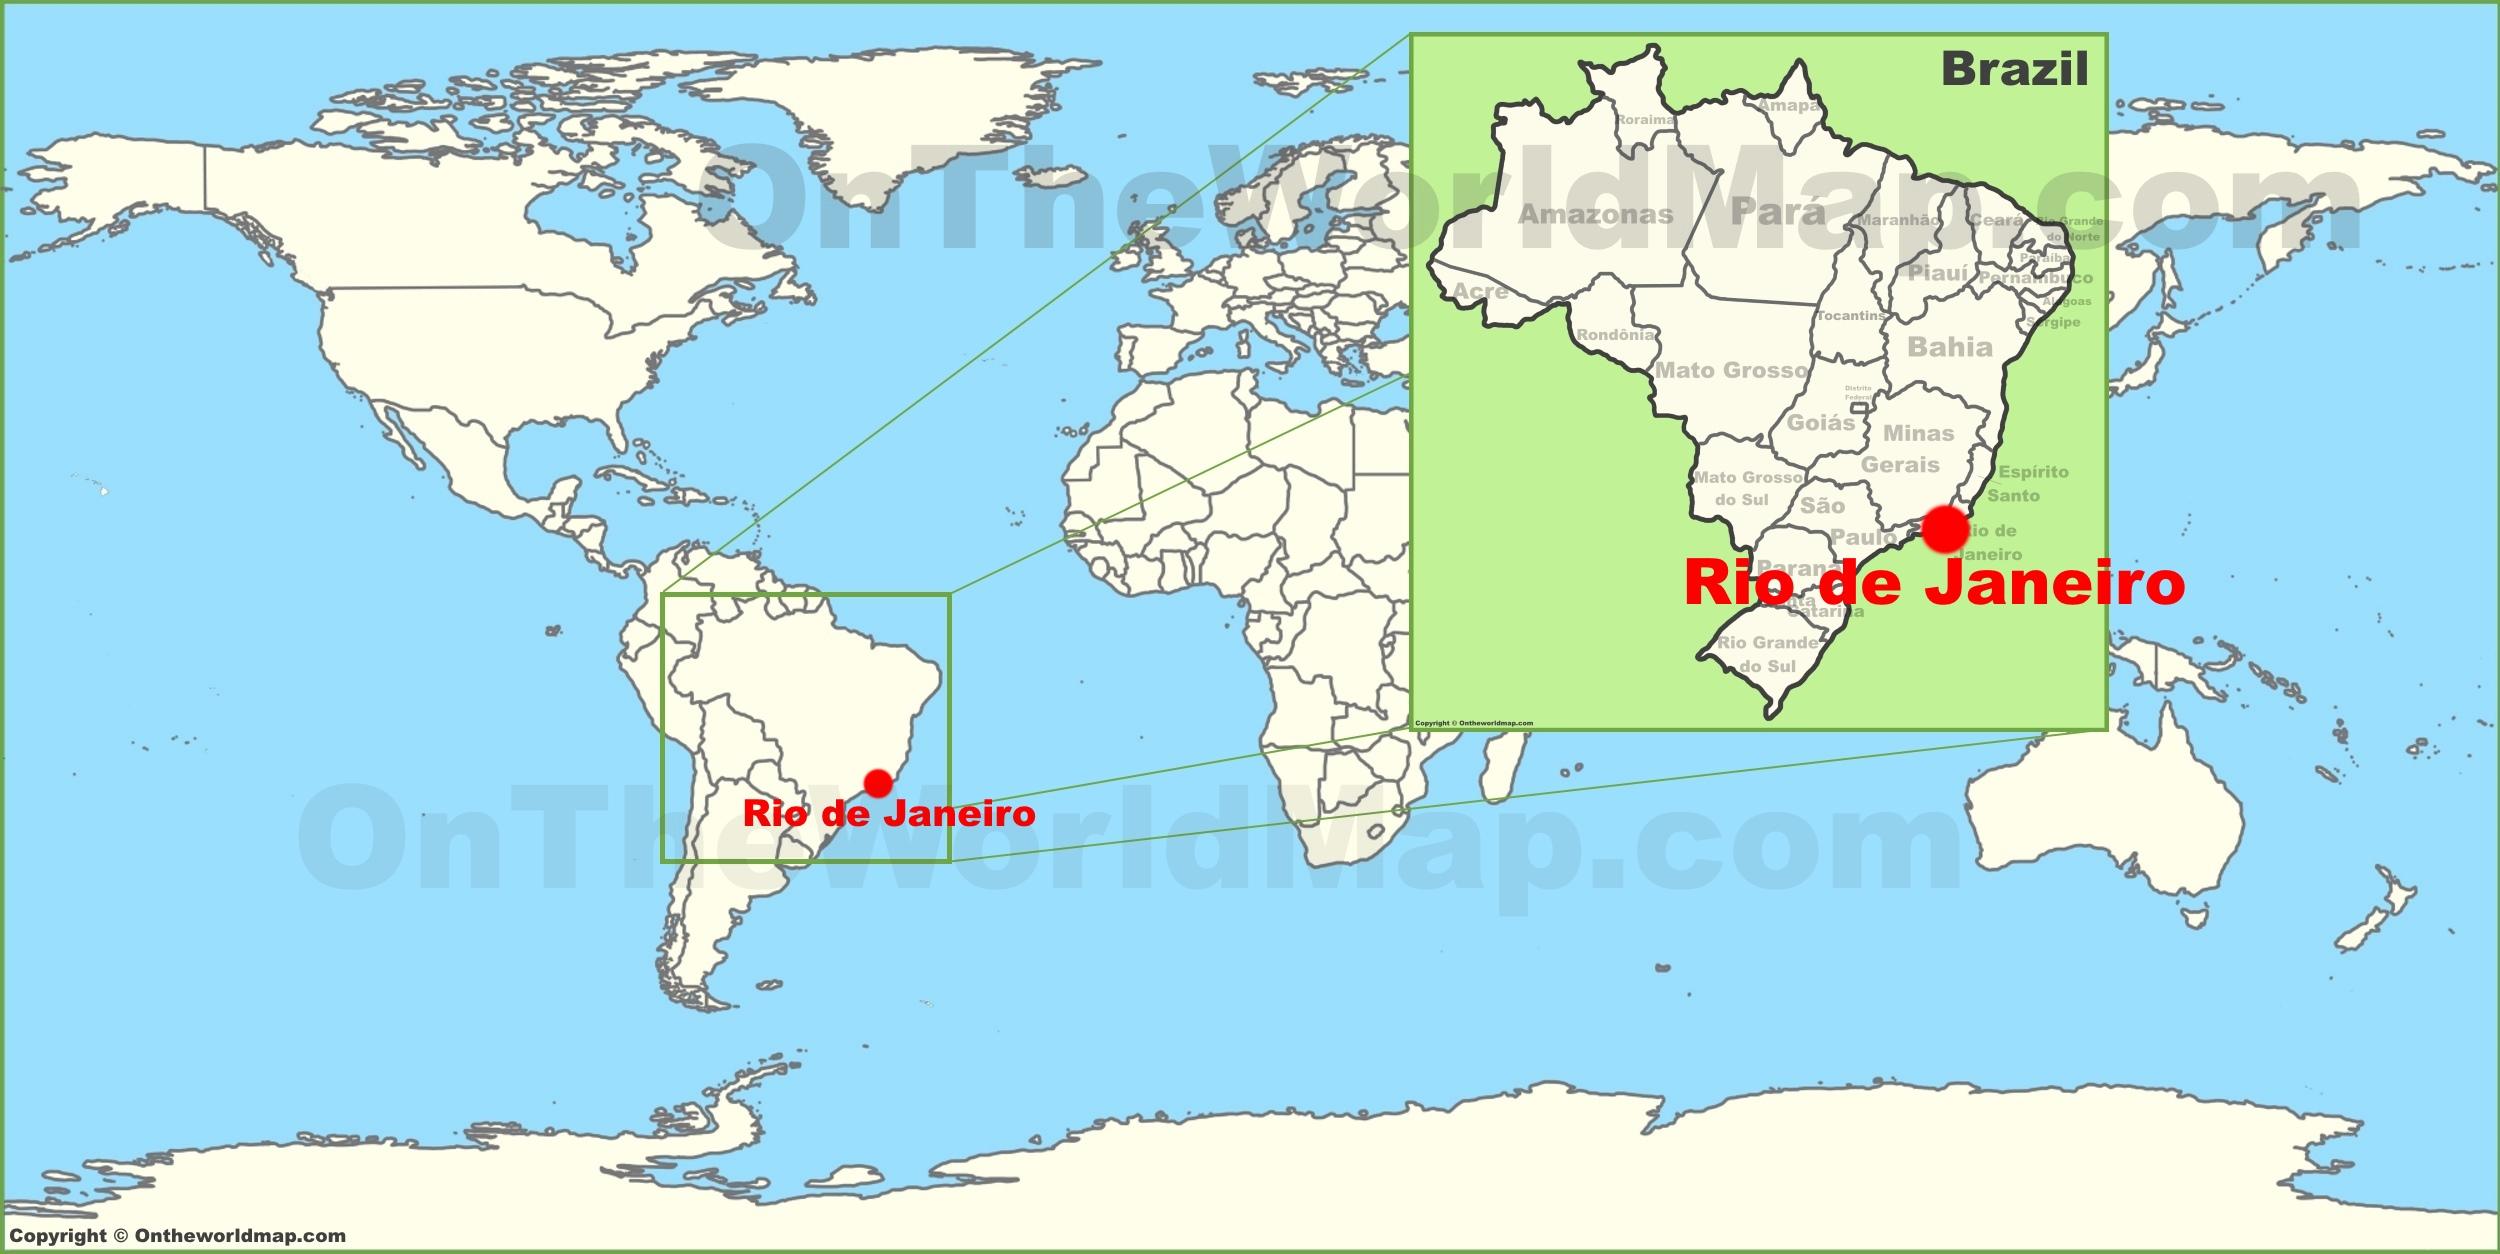 Rio de Janeiro on The World Map